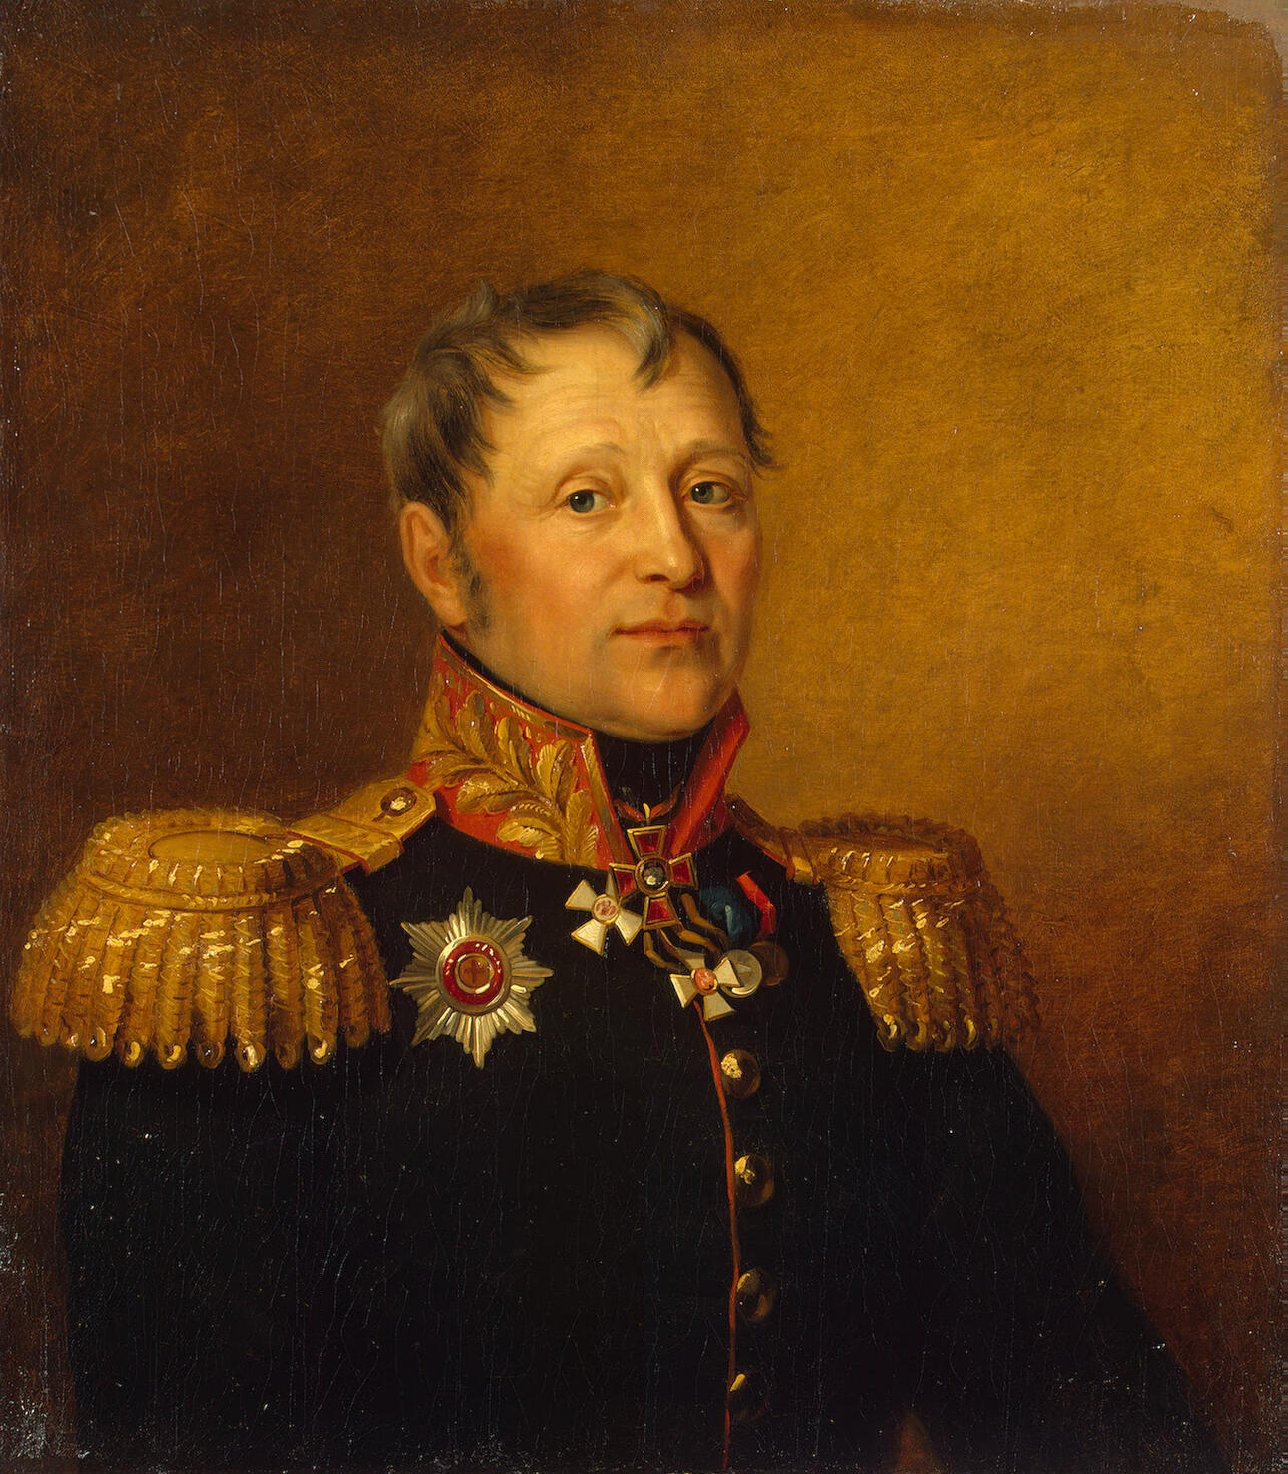 Емельянов, Николай Филиппович